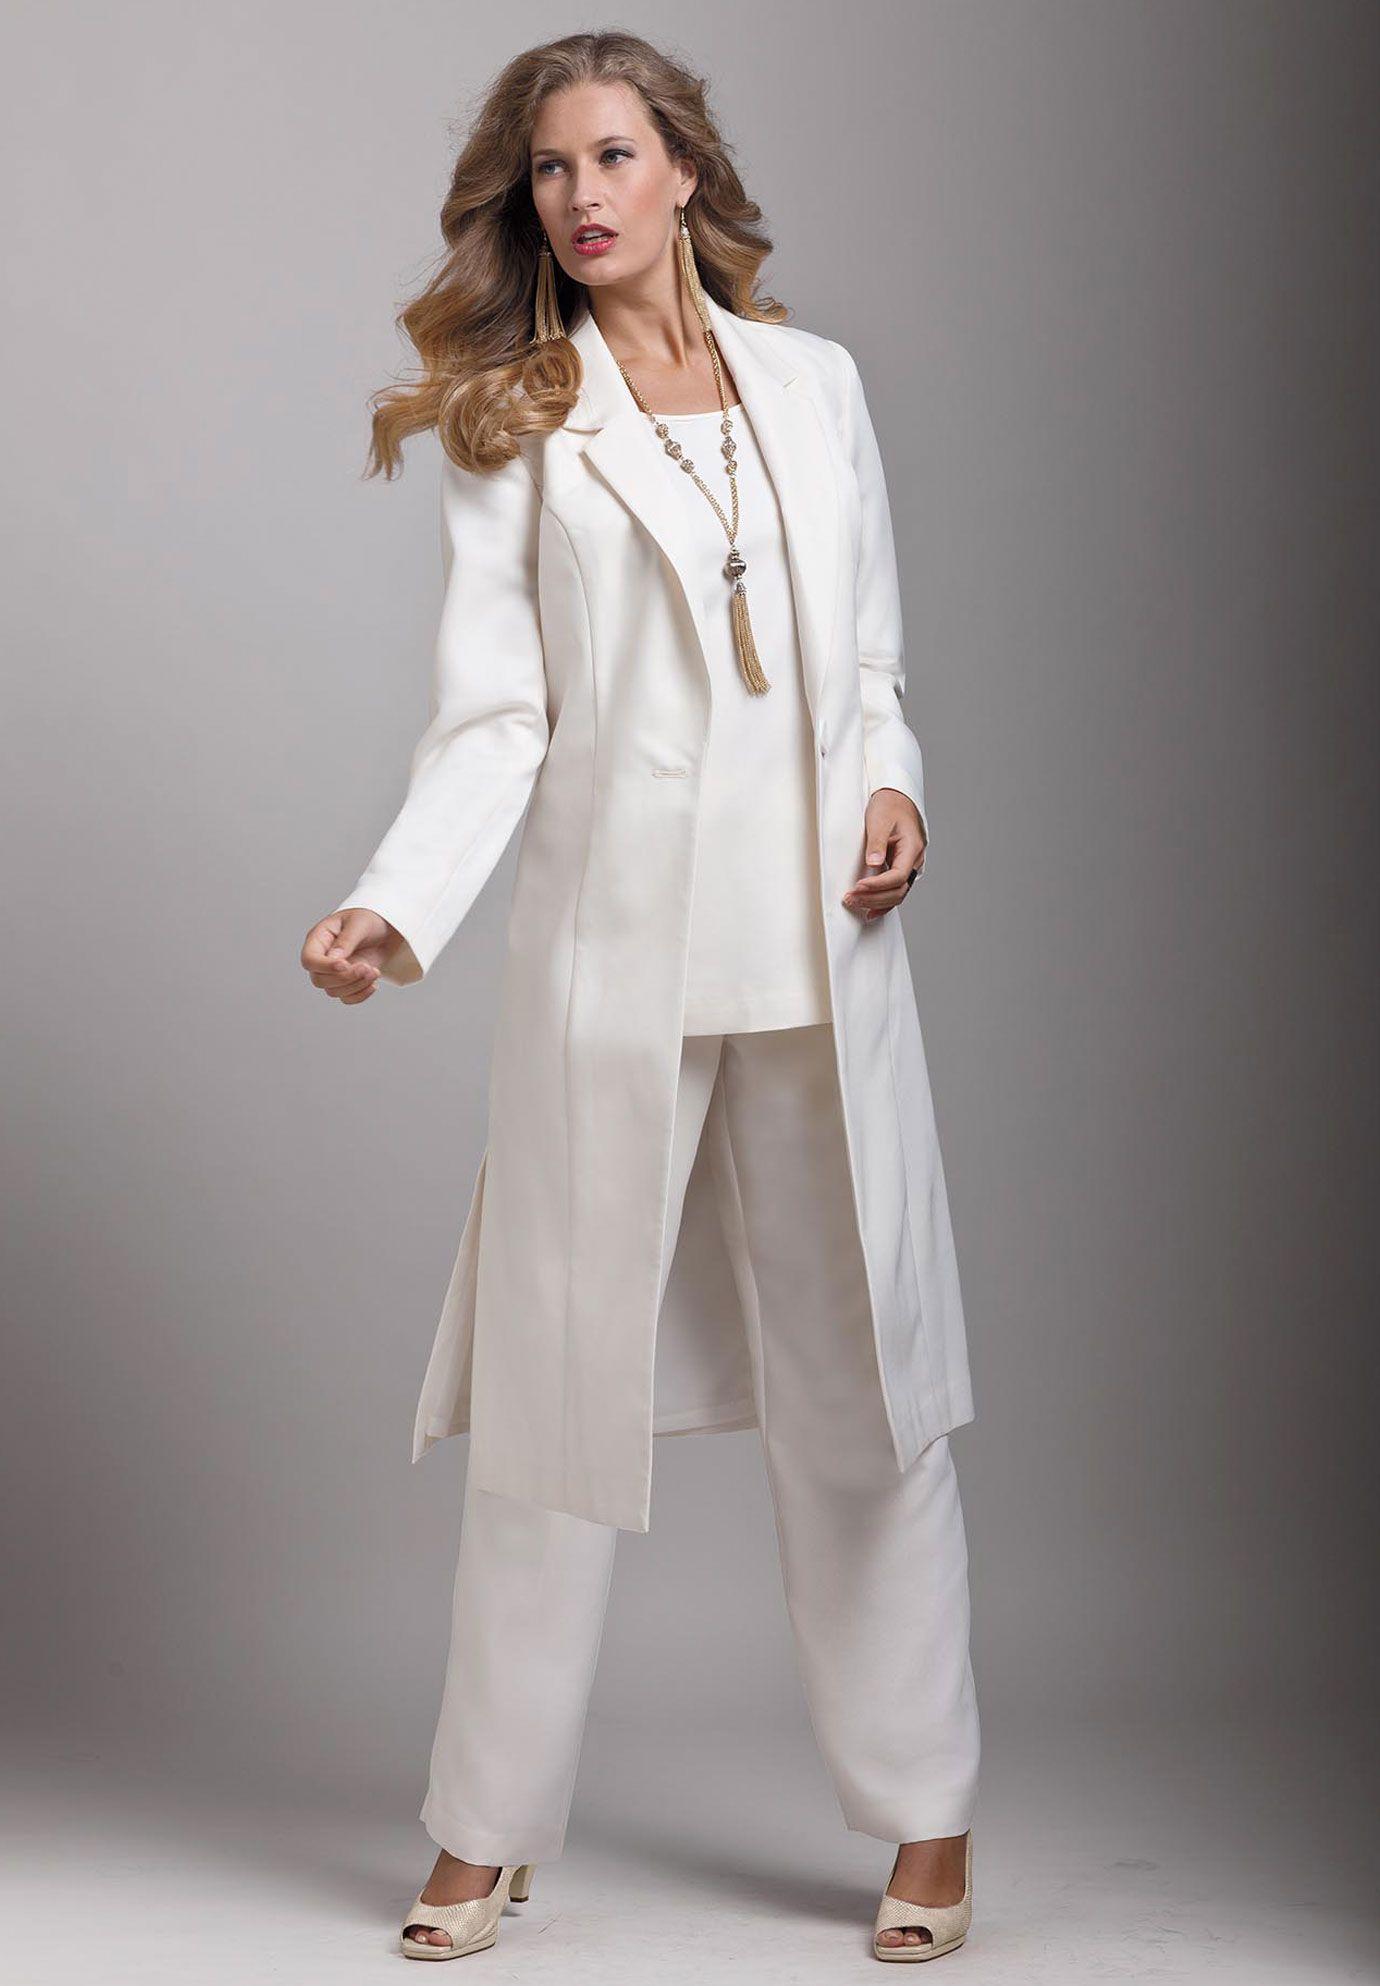 plus size three piece duster pant suit plus size suits and plus size three piece duster pant suit plus size suits and jacket dresses